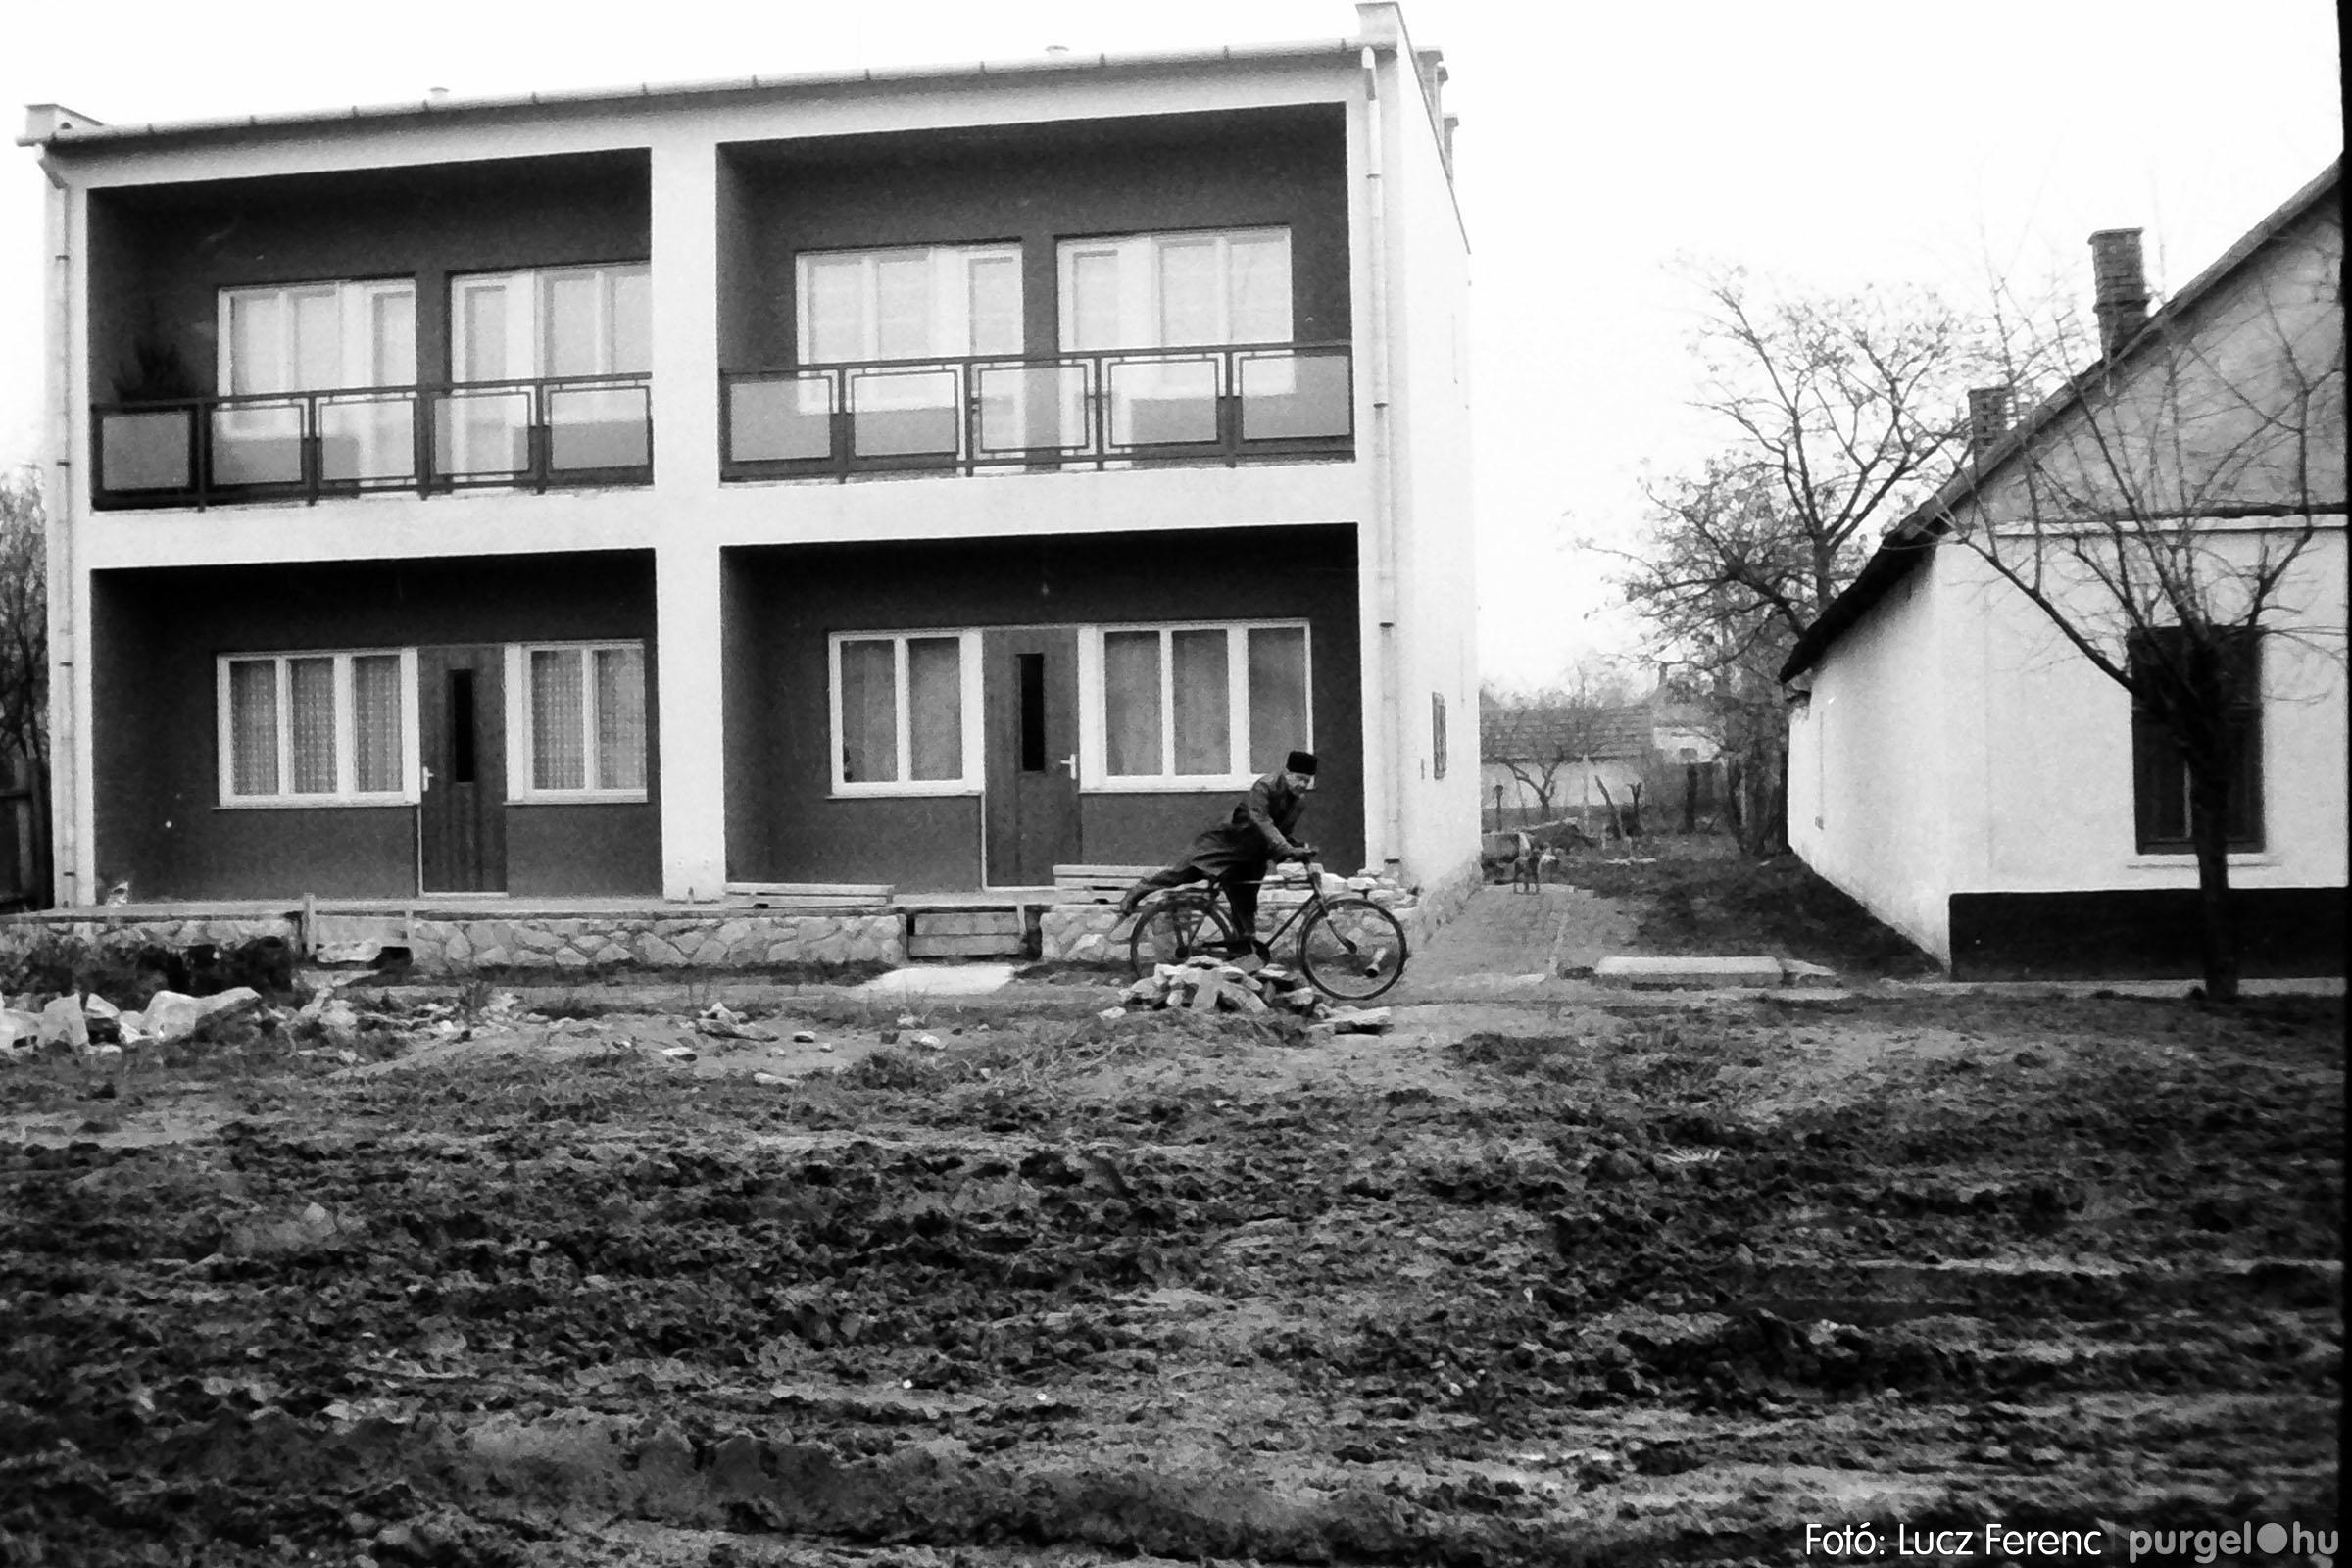 007 1975. Vegyes képek 020 - Fotó: Lucz Ferenc IMG00082.JPG